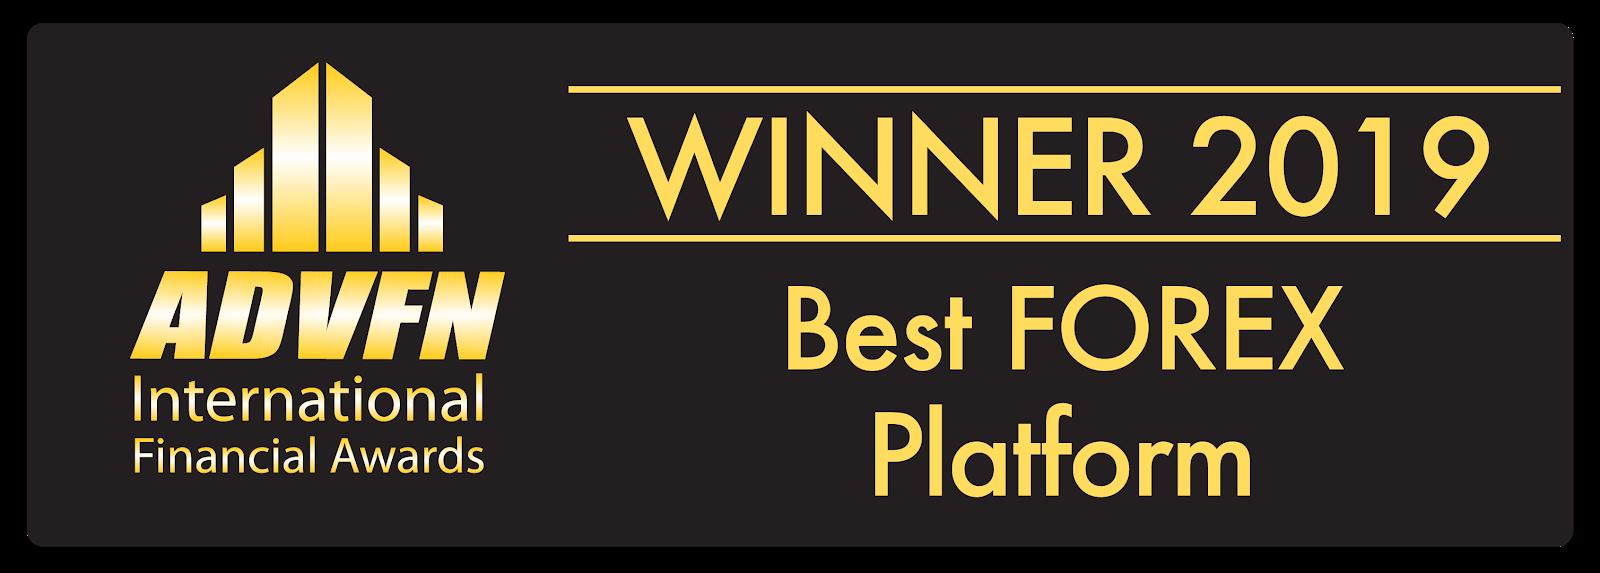 Nejlepší Forex Platforma